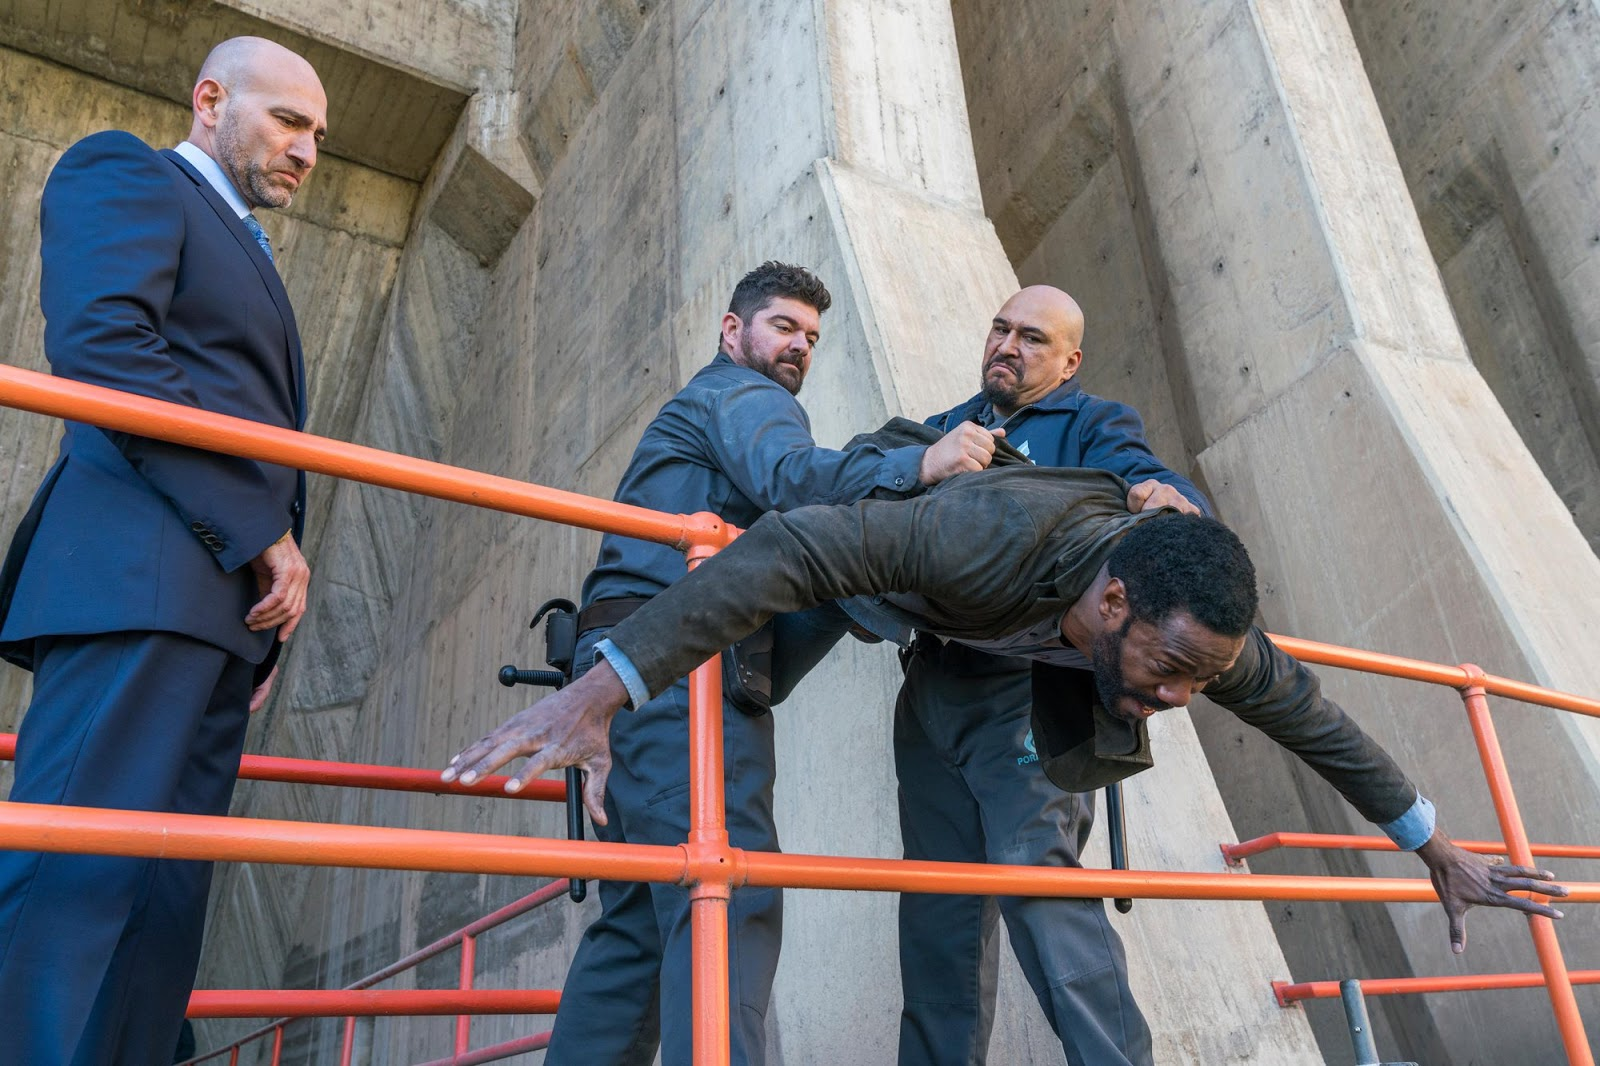 Vcitor y Dante en la presa en el episodio tres de la tercera temporada de Fear The Walking Dead